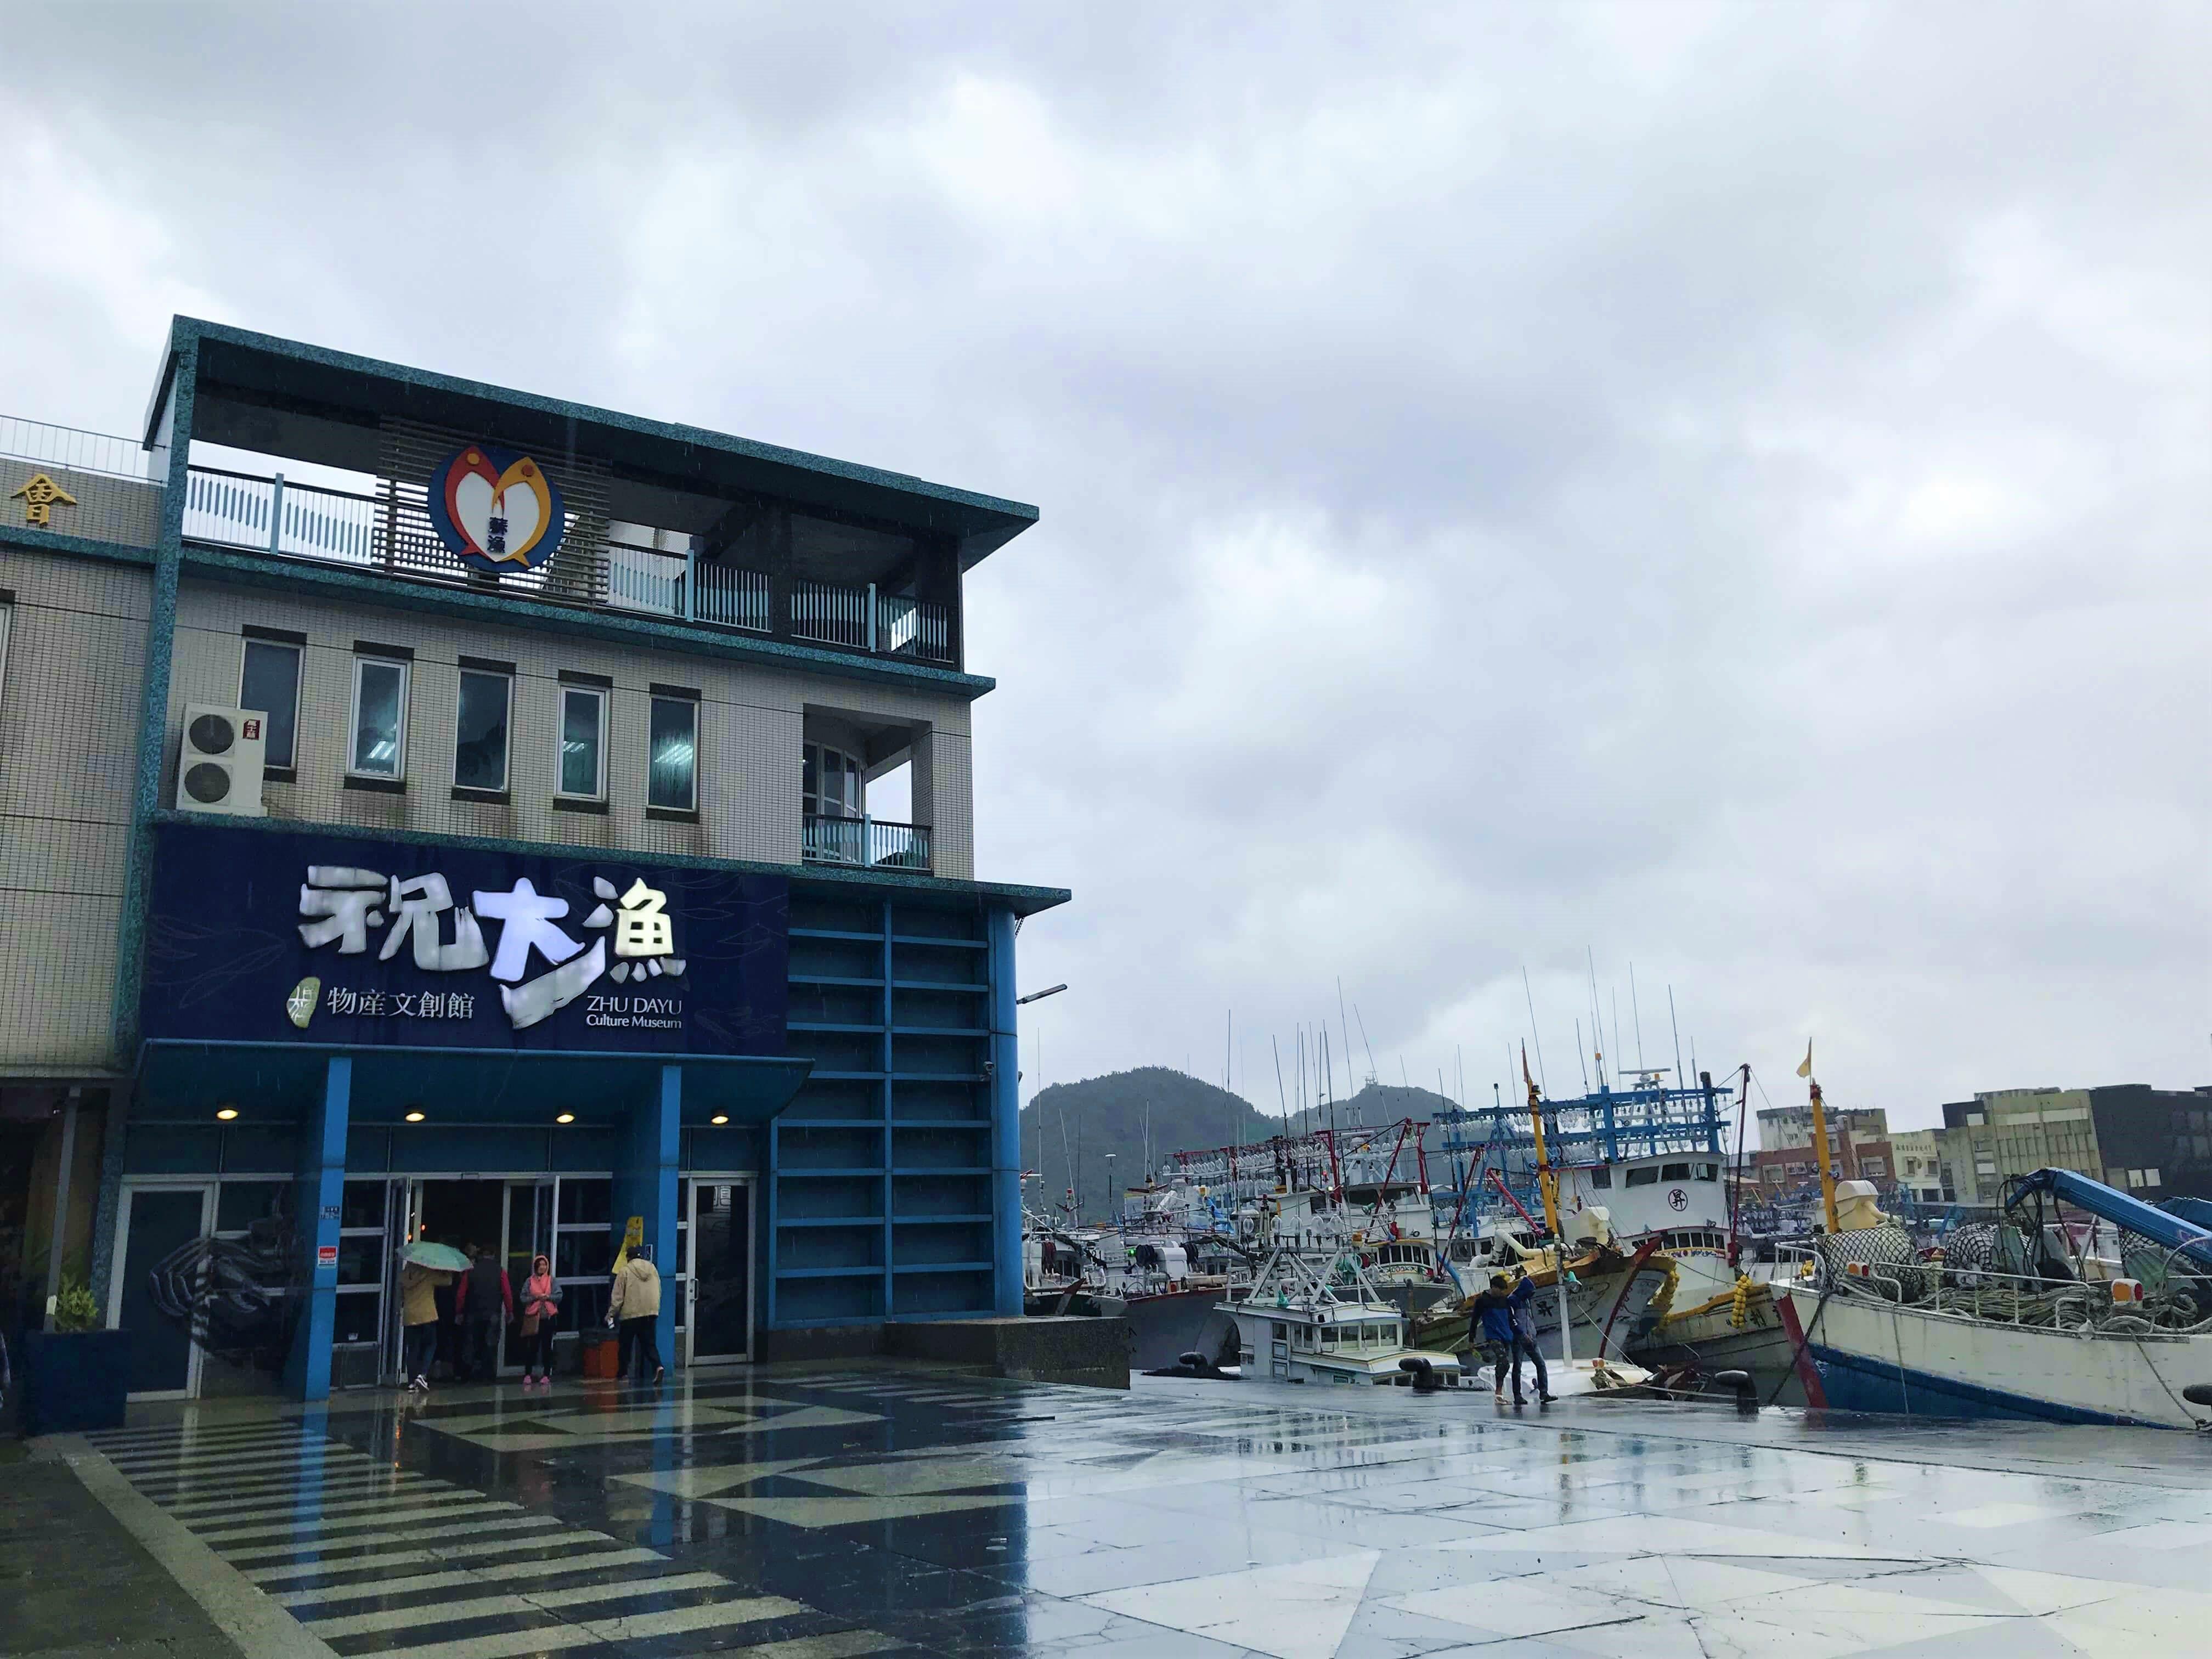 祝大漁物產館就在南方澳海港旁!Photographer / Penny